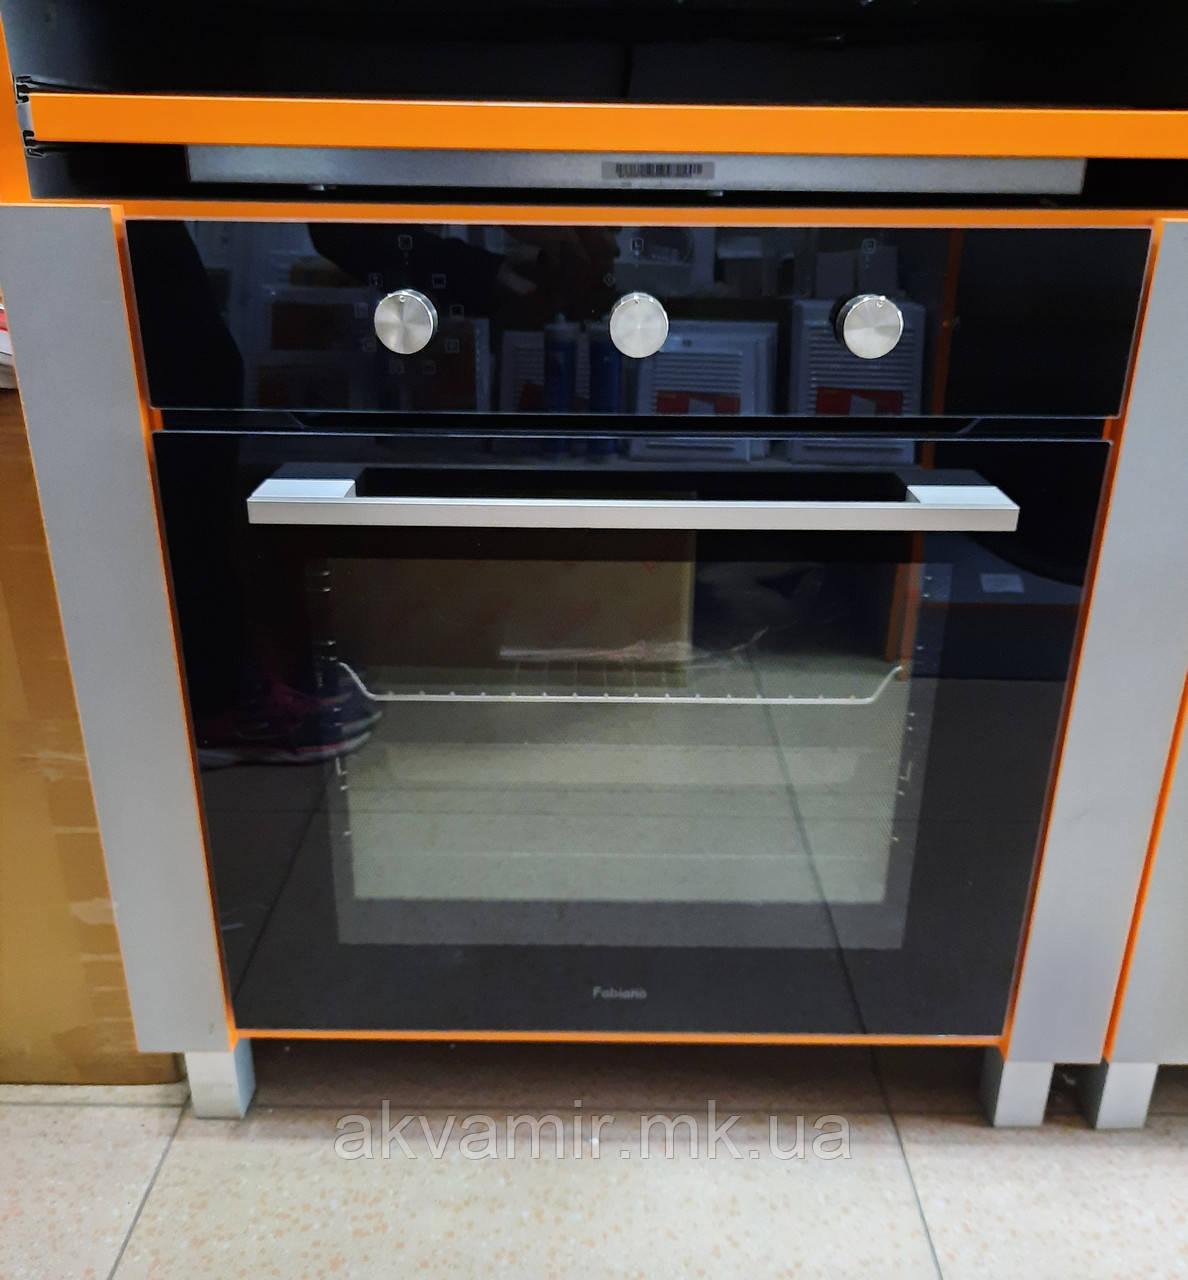 Духовой шкаф Fabiano FBO 21 Black (черный) электрический